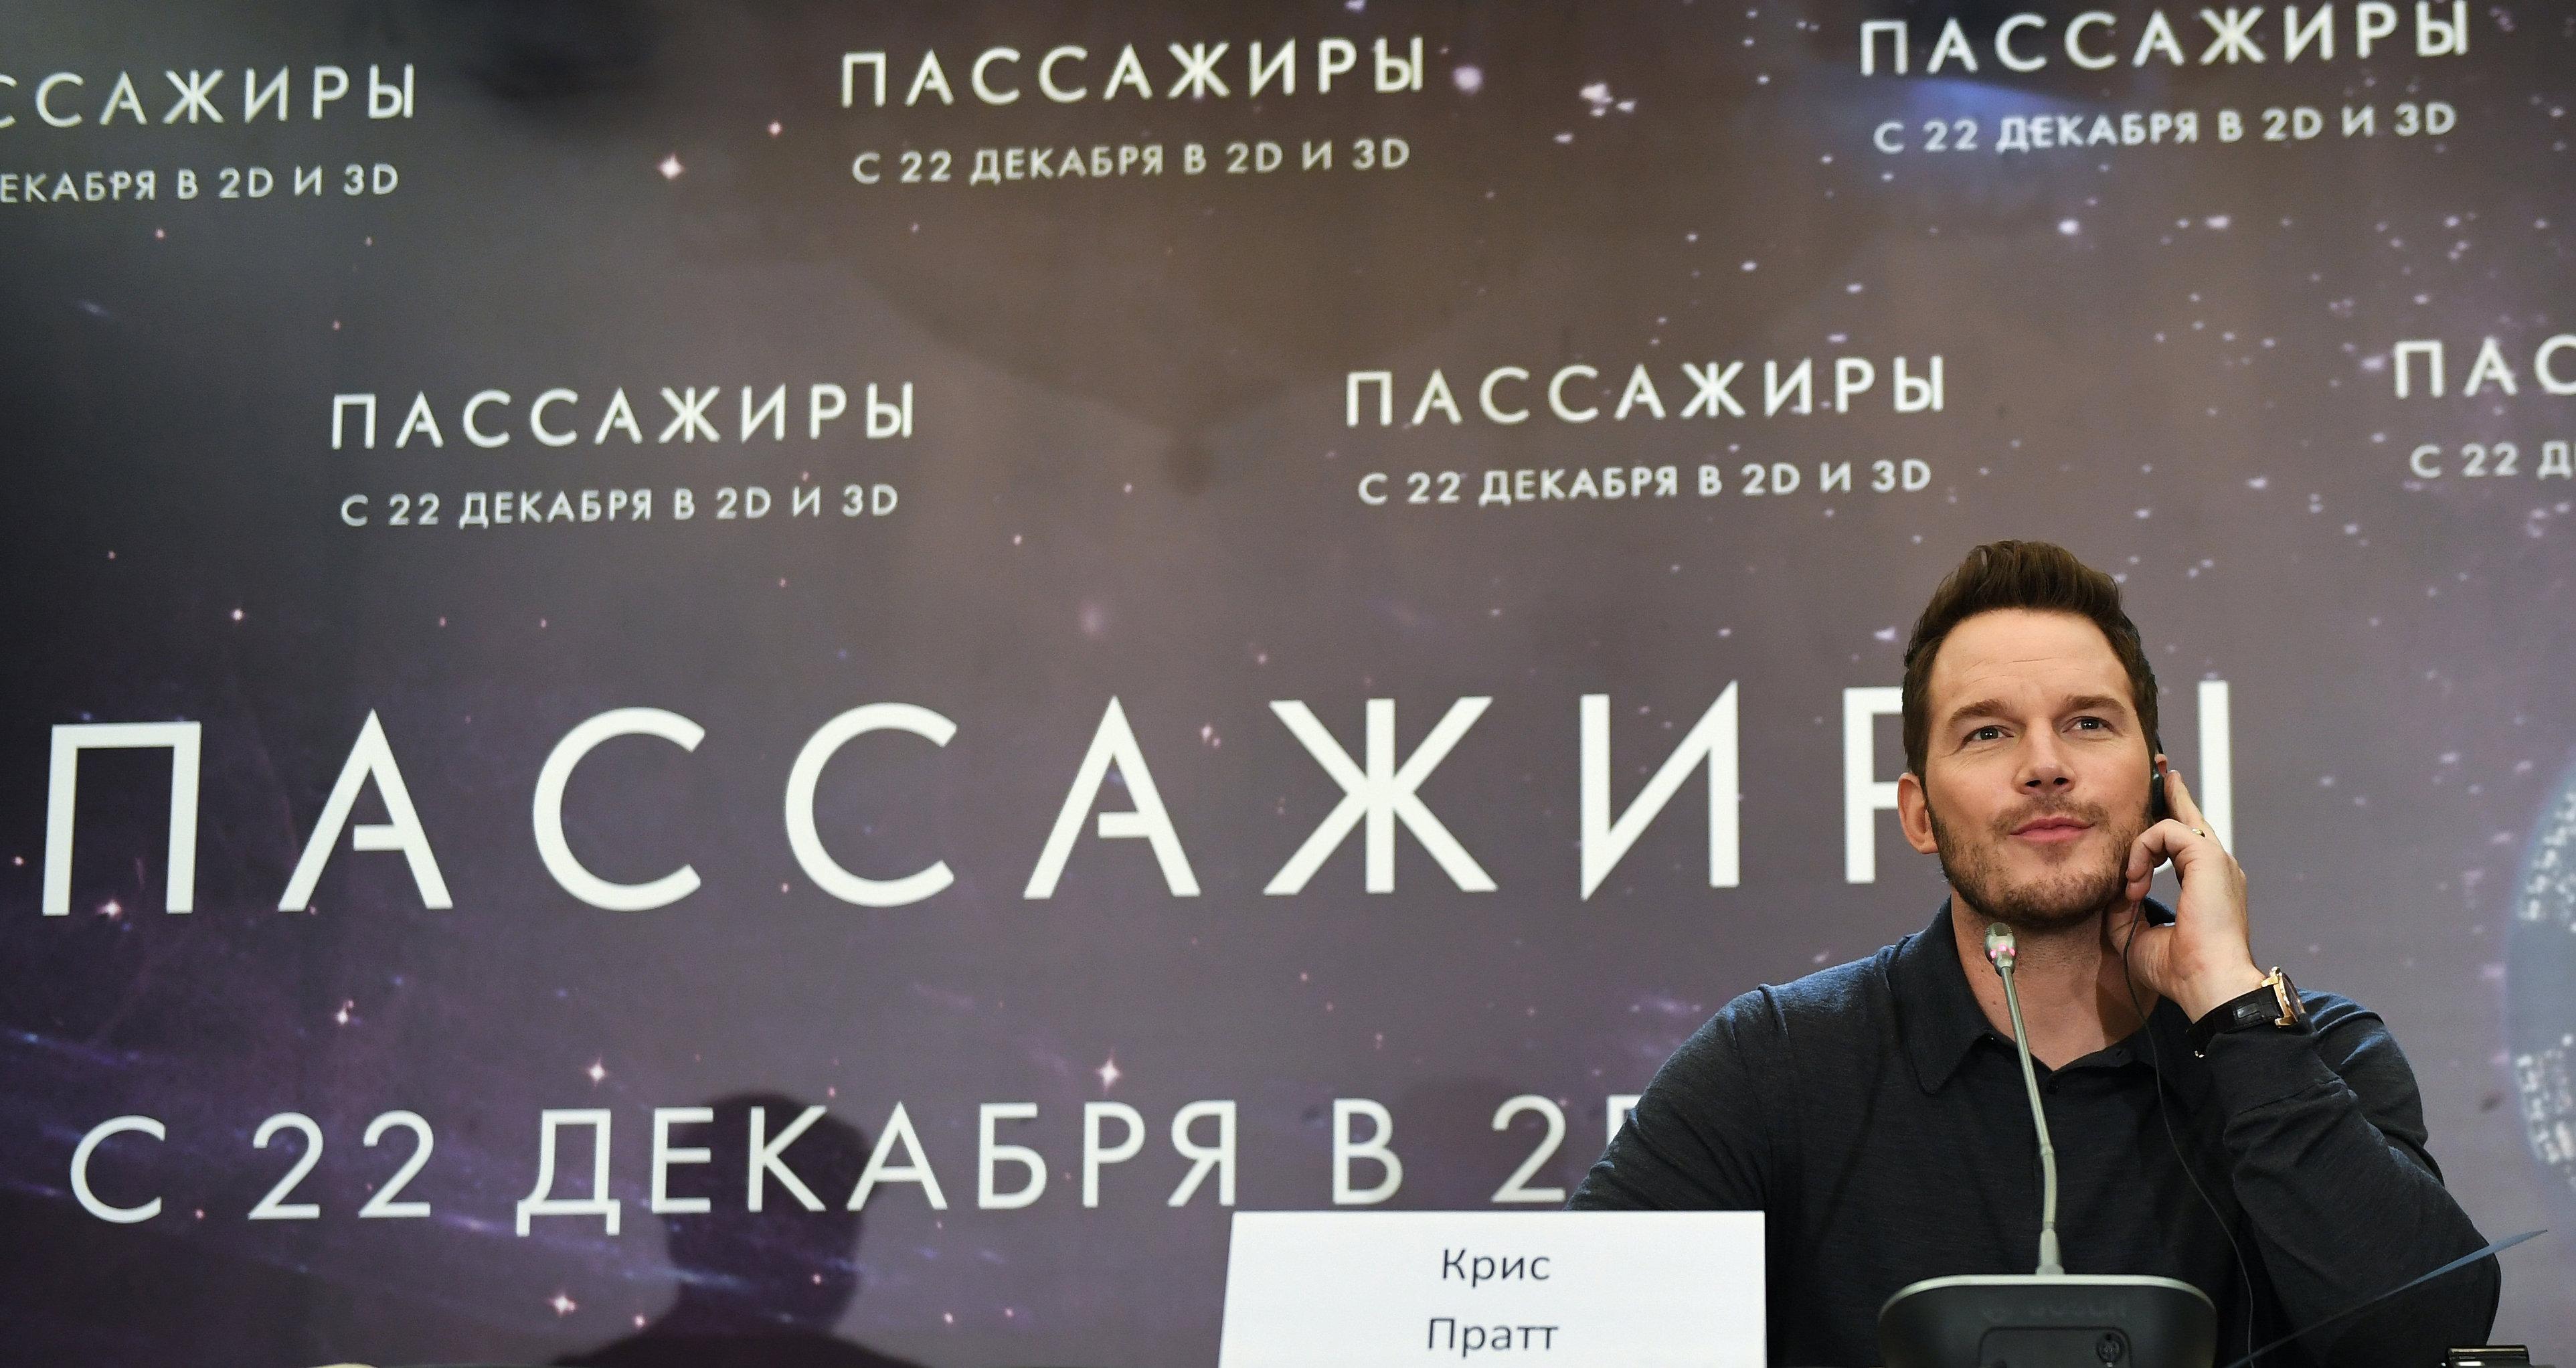 Американский актер Крис Пратт, исполнитель главной роли в фильме Пассажиры, во время пресс-конференции